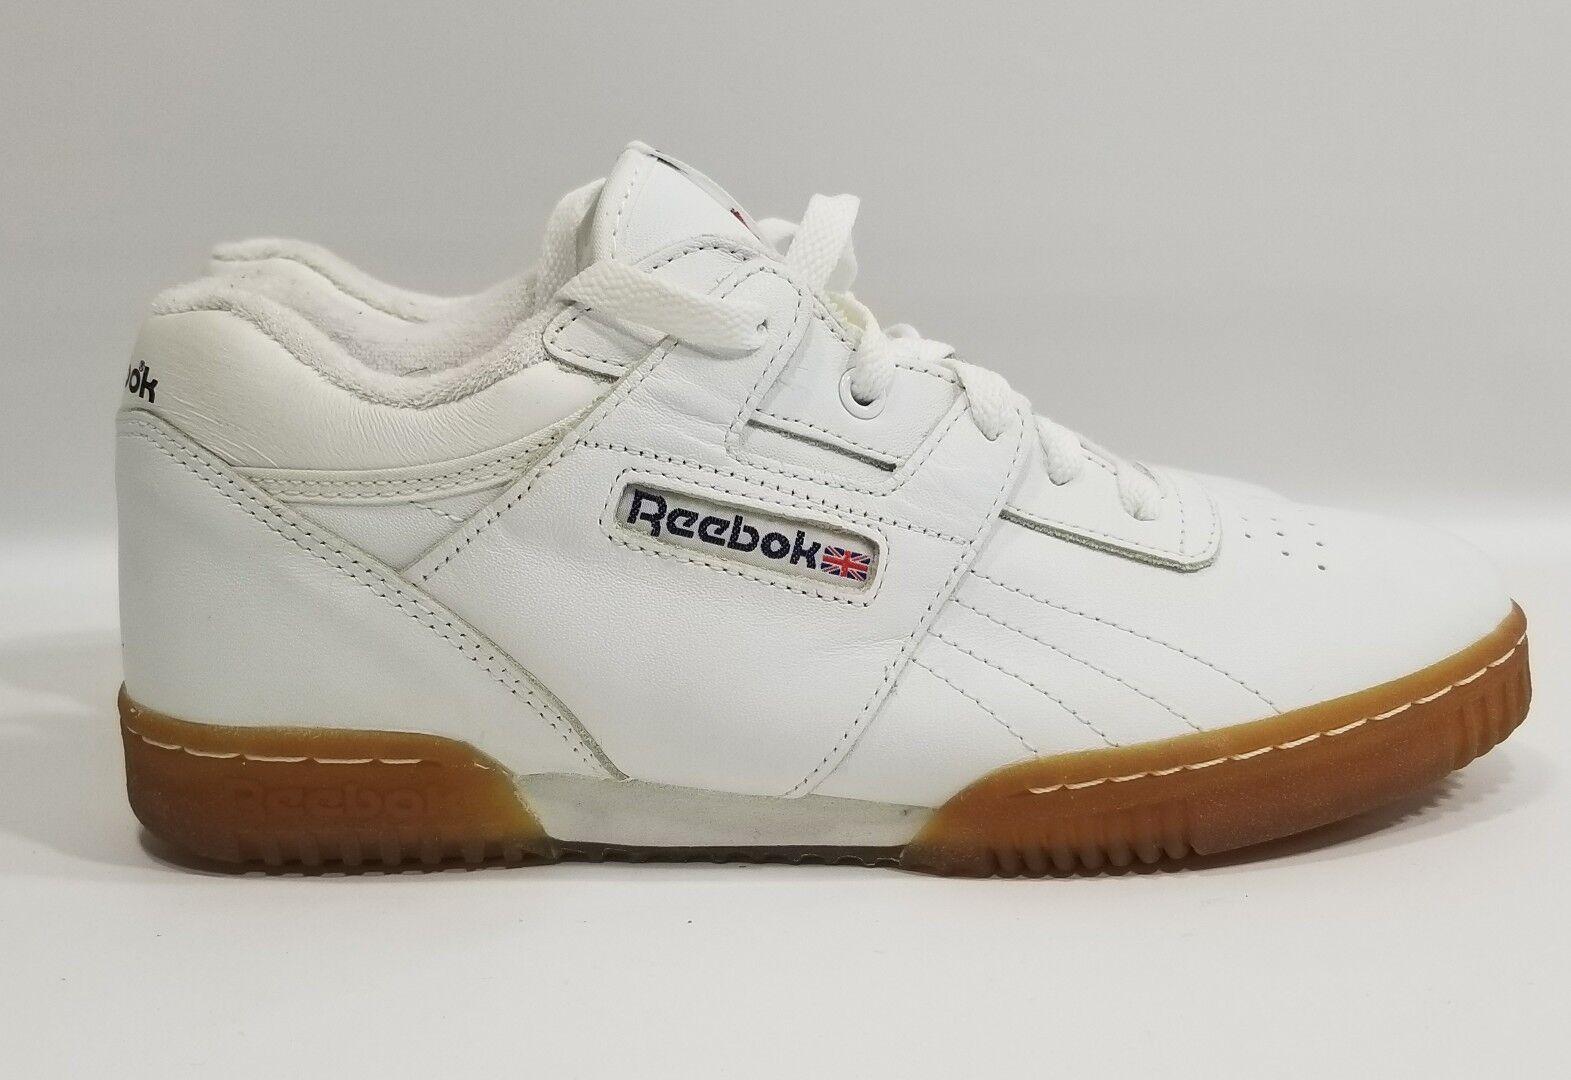 Reebok Classic Vintage, Suela de goma zapatos zapatillas tamaño 5 blancoo 72-33988